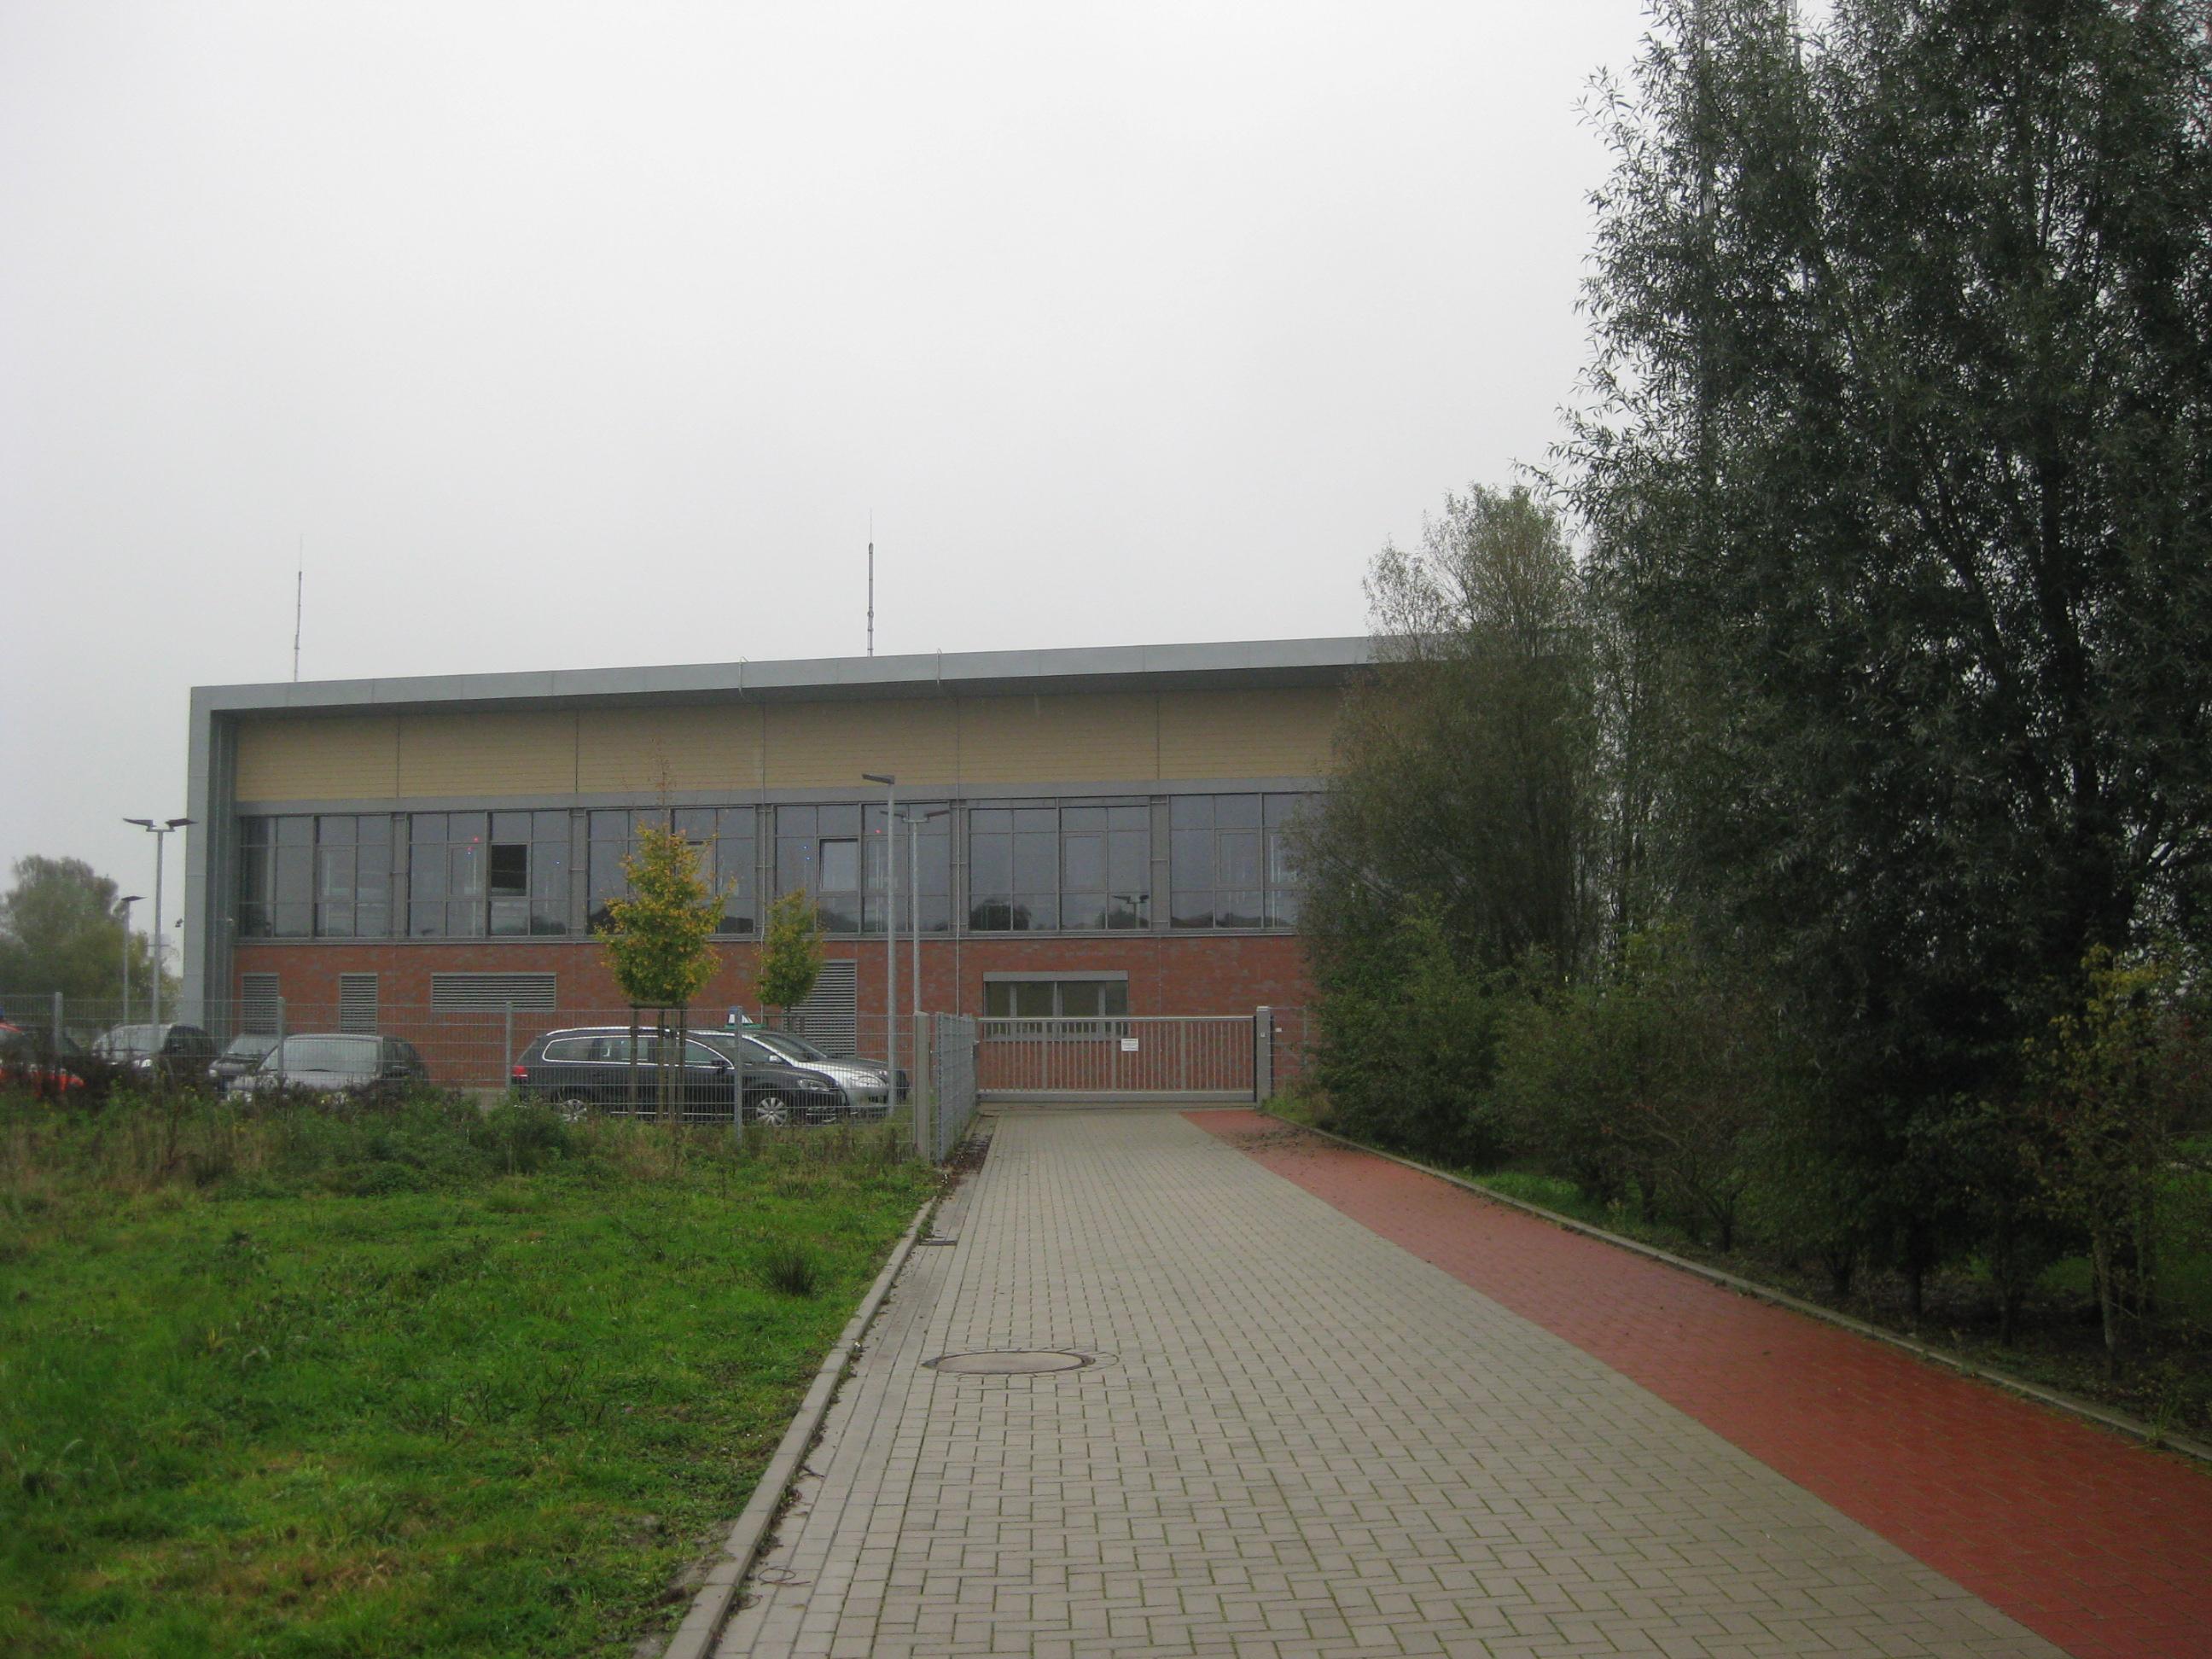 Leitstelle Wittmund